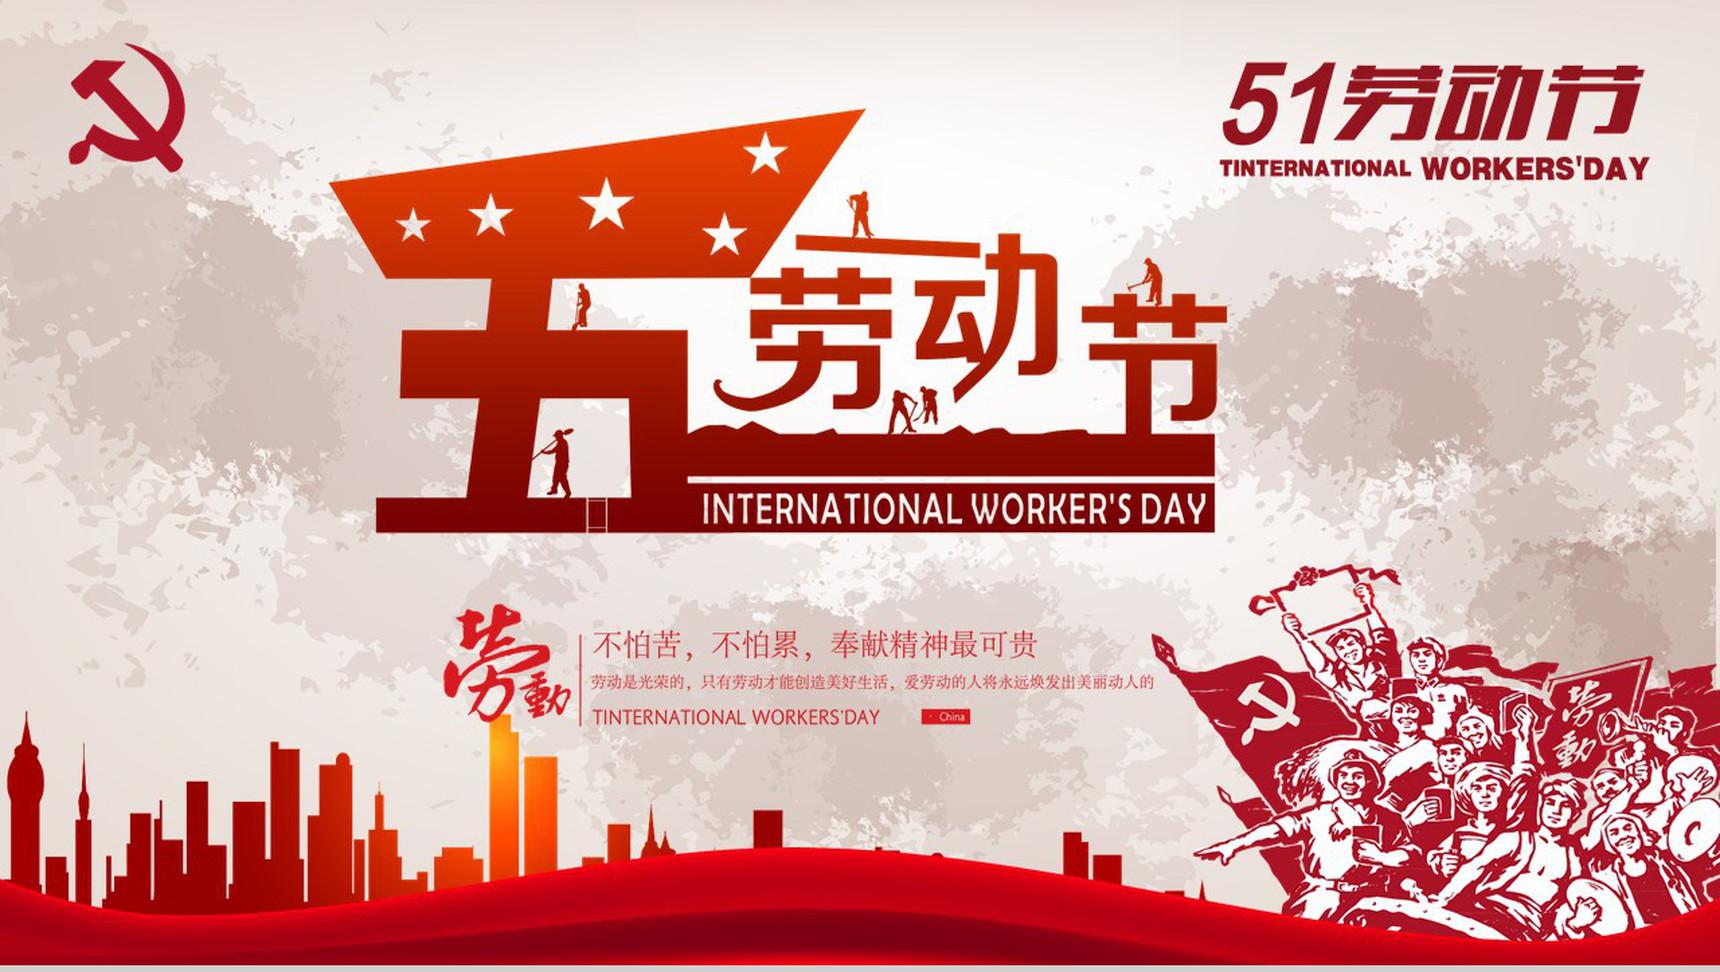 5.1劳动节节日介绍宣传PPT模板